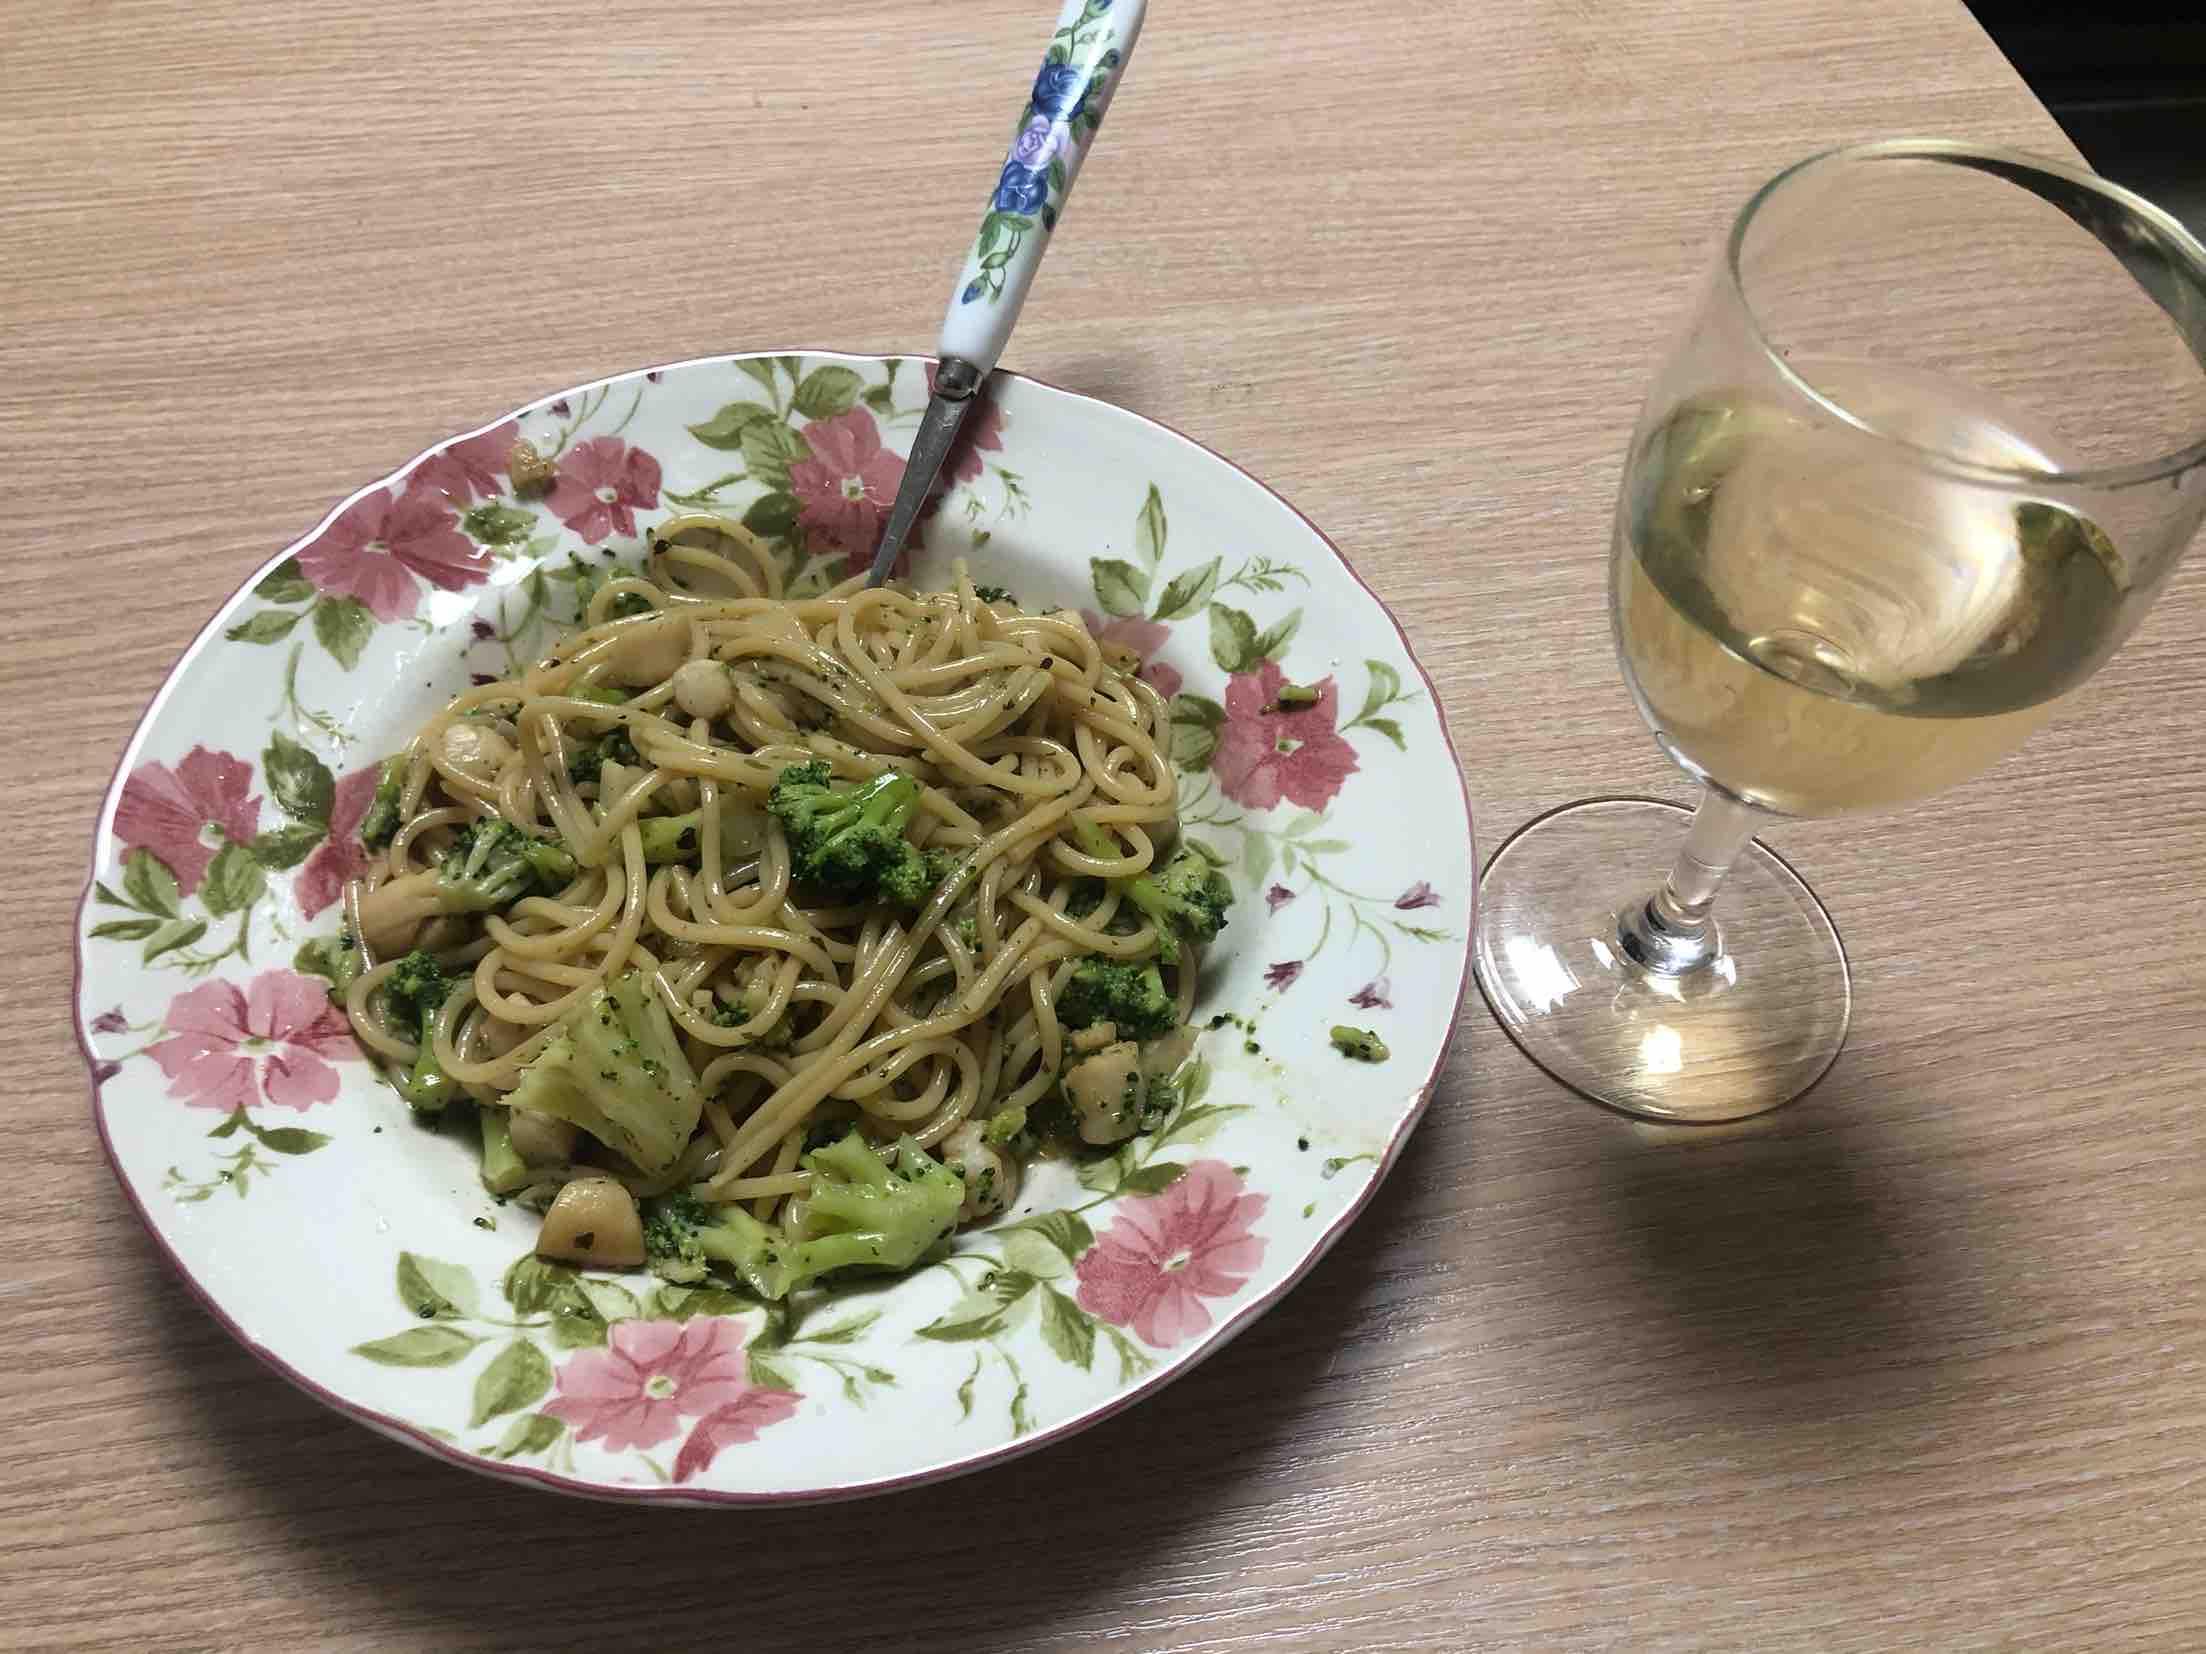 瑶柱西兰花意面(scallops spaghetti)成品图